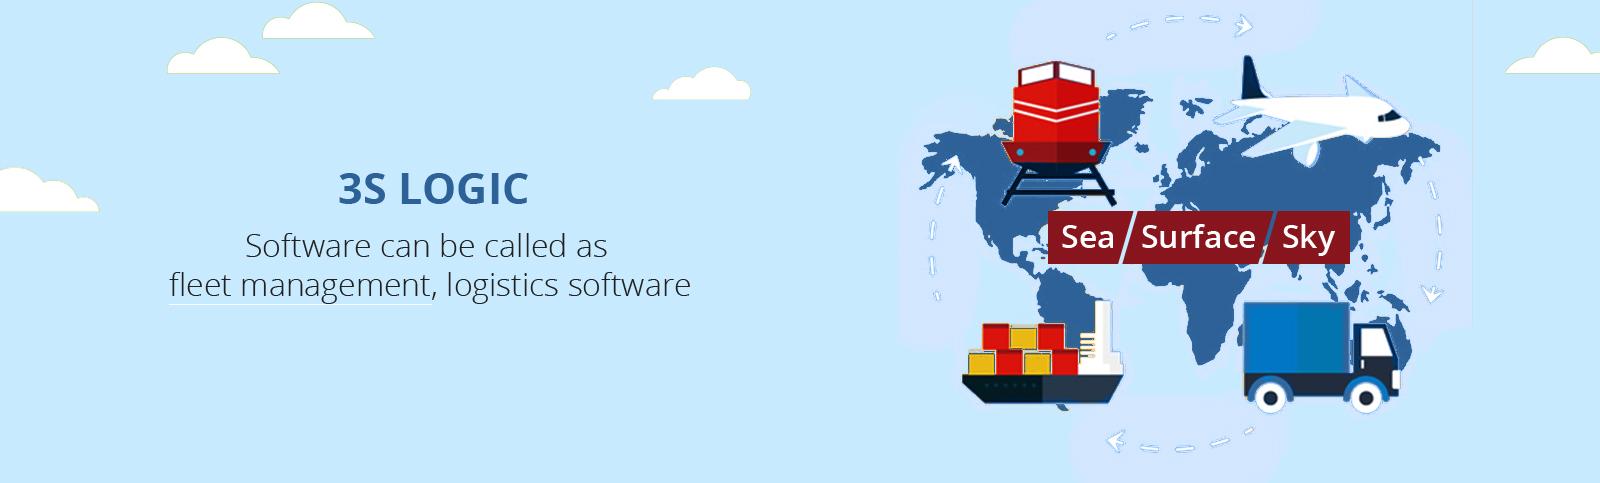 Logistics Management Software | Fleet Management Software System